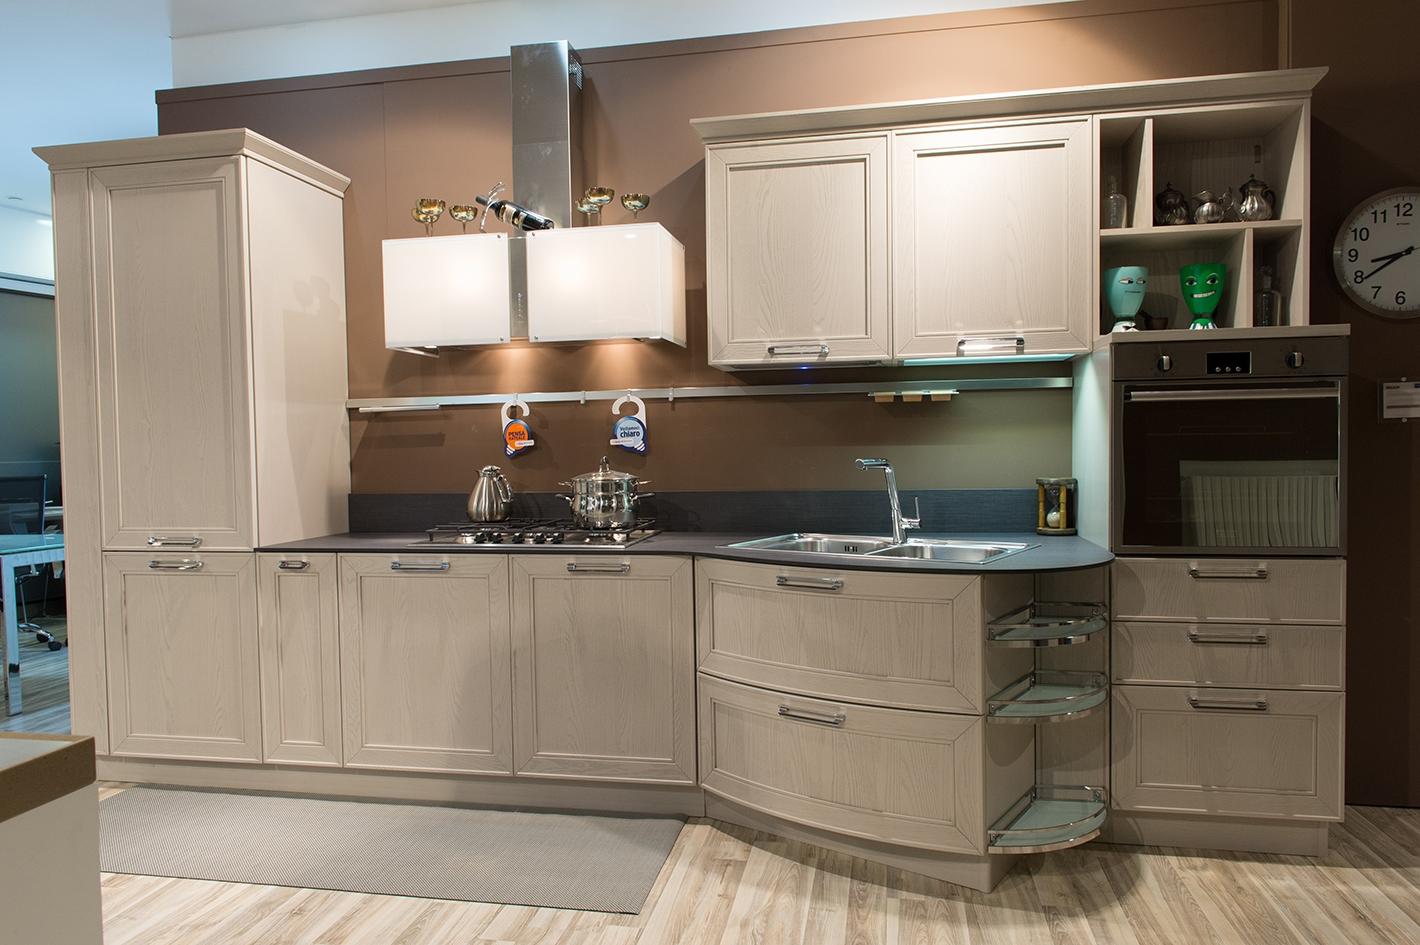 Stosa cucine cucina maxim classica legno cucine a prezzi for Outlet cucine